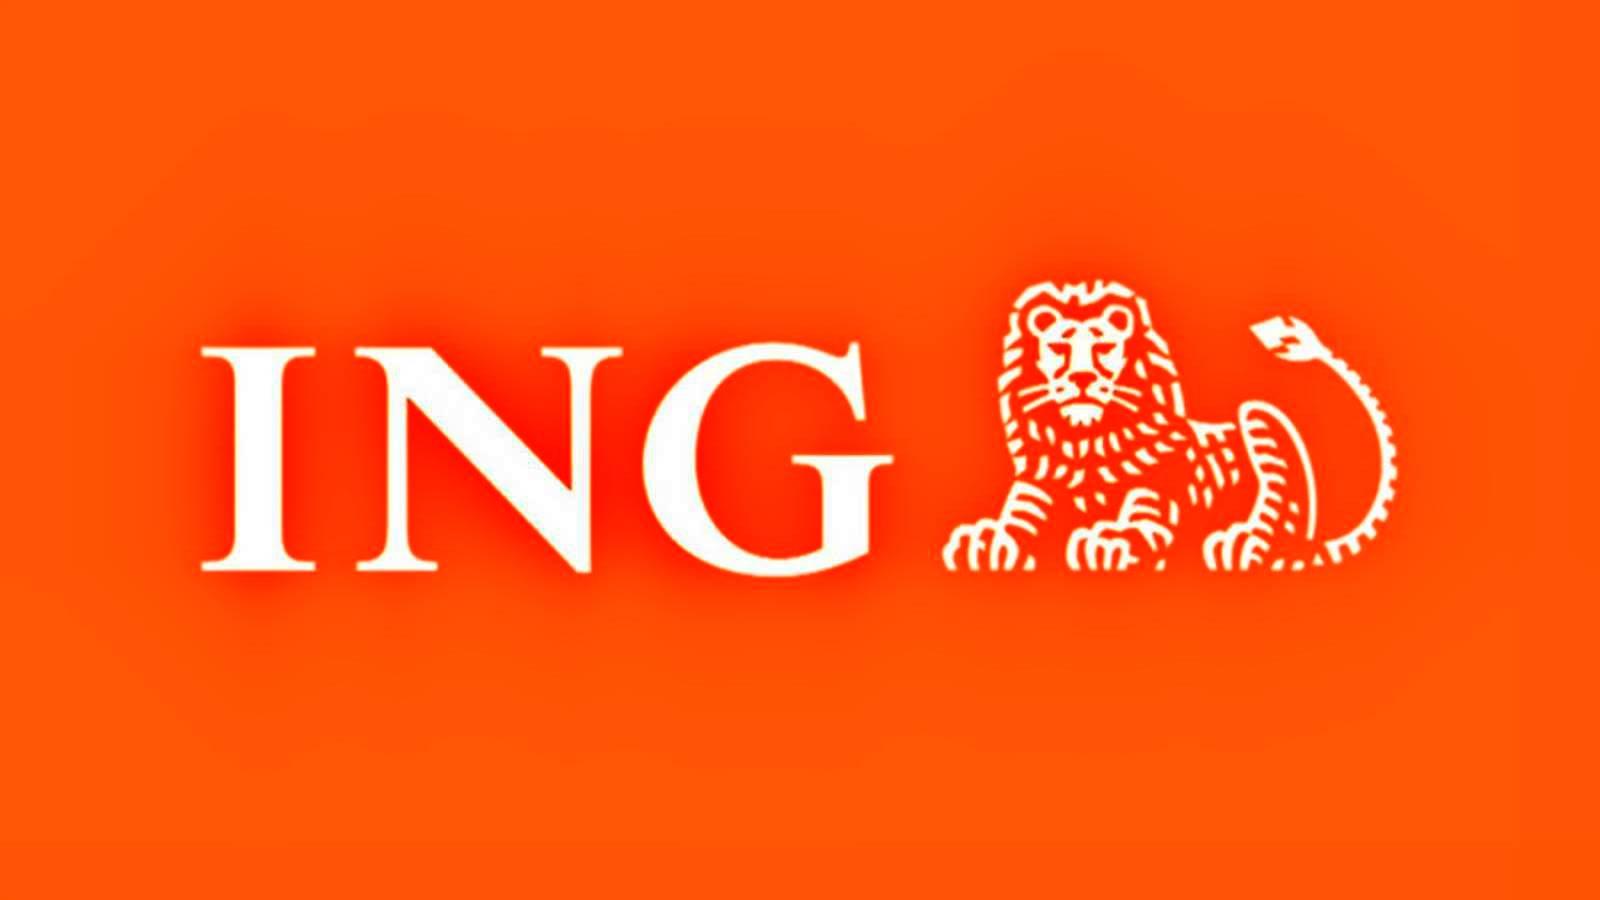 ING Bank sansa